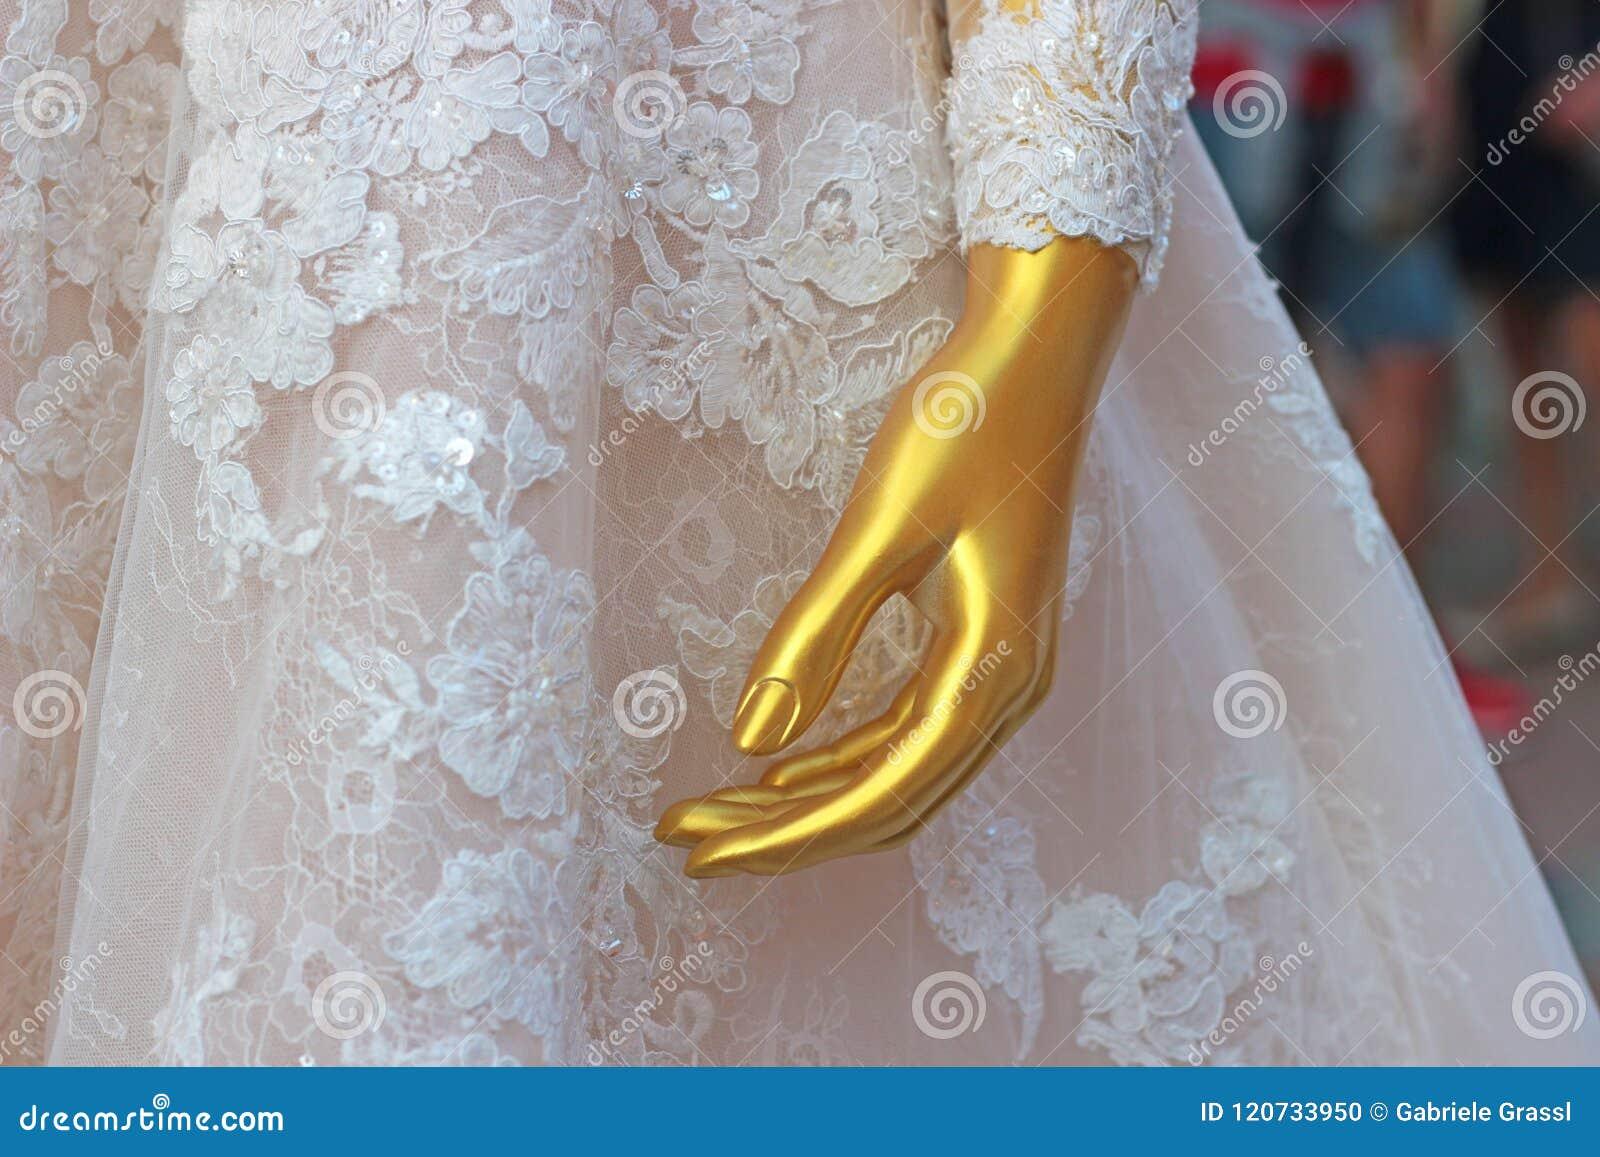 Gold Farbiges Mannequin In Einem Hochzeitskleid Stockfoto - Bild